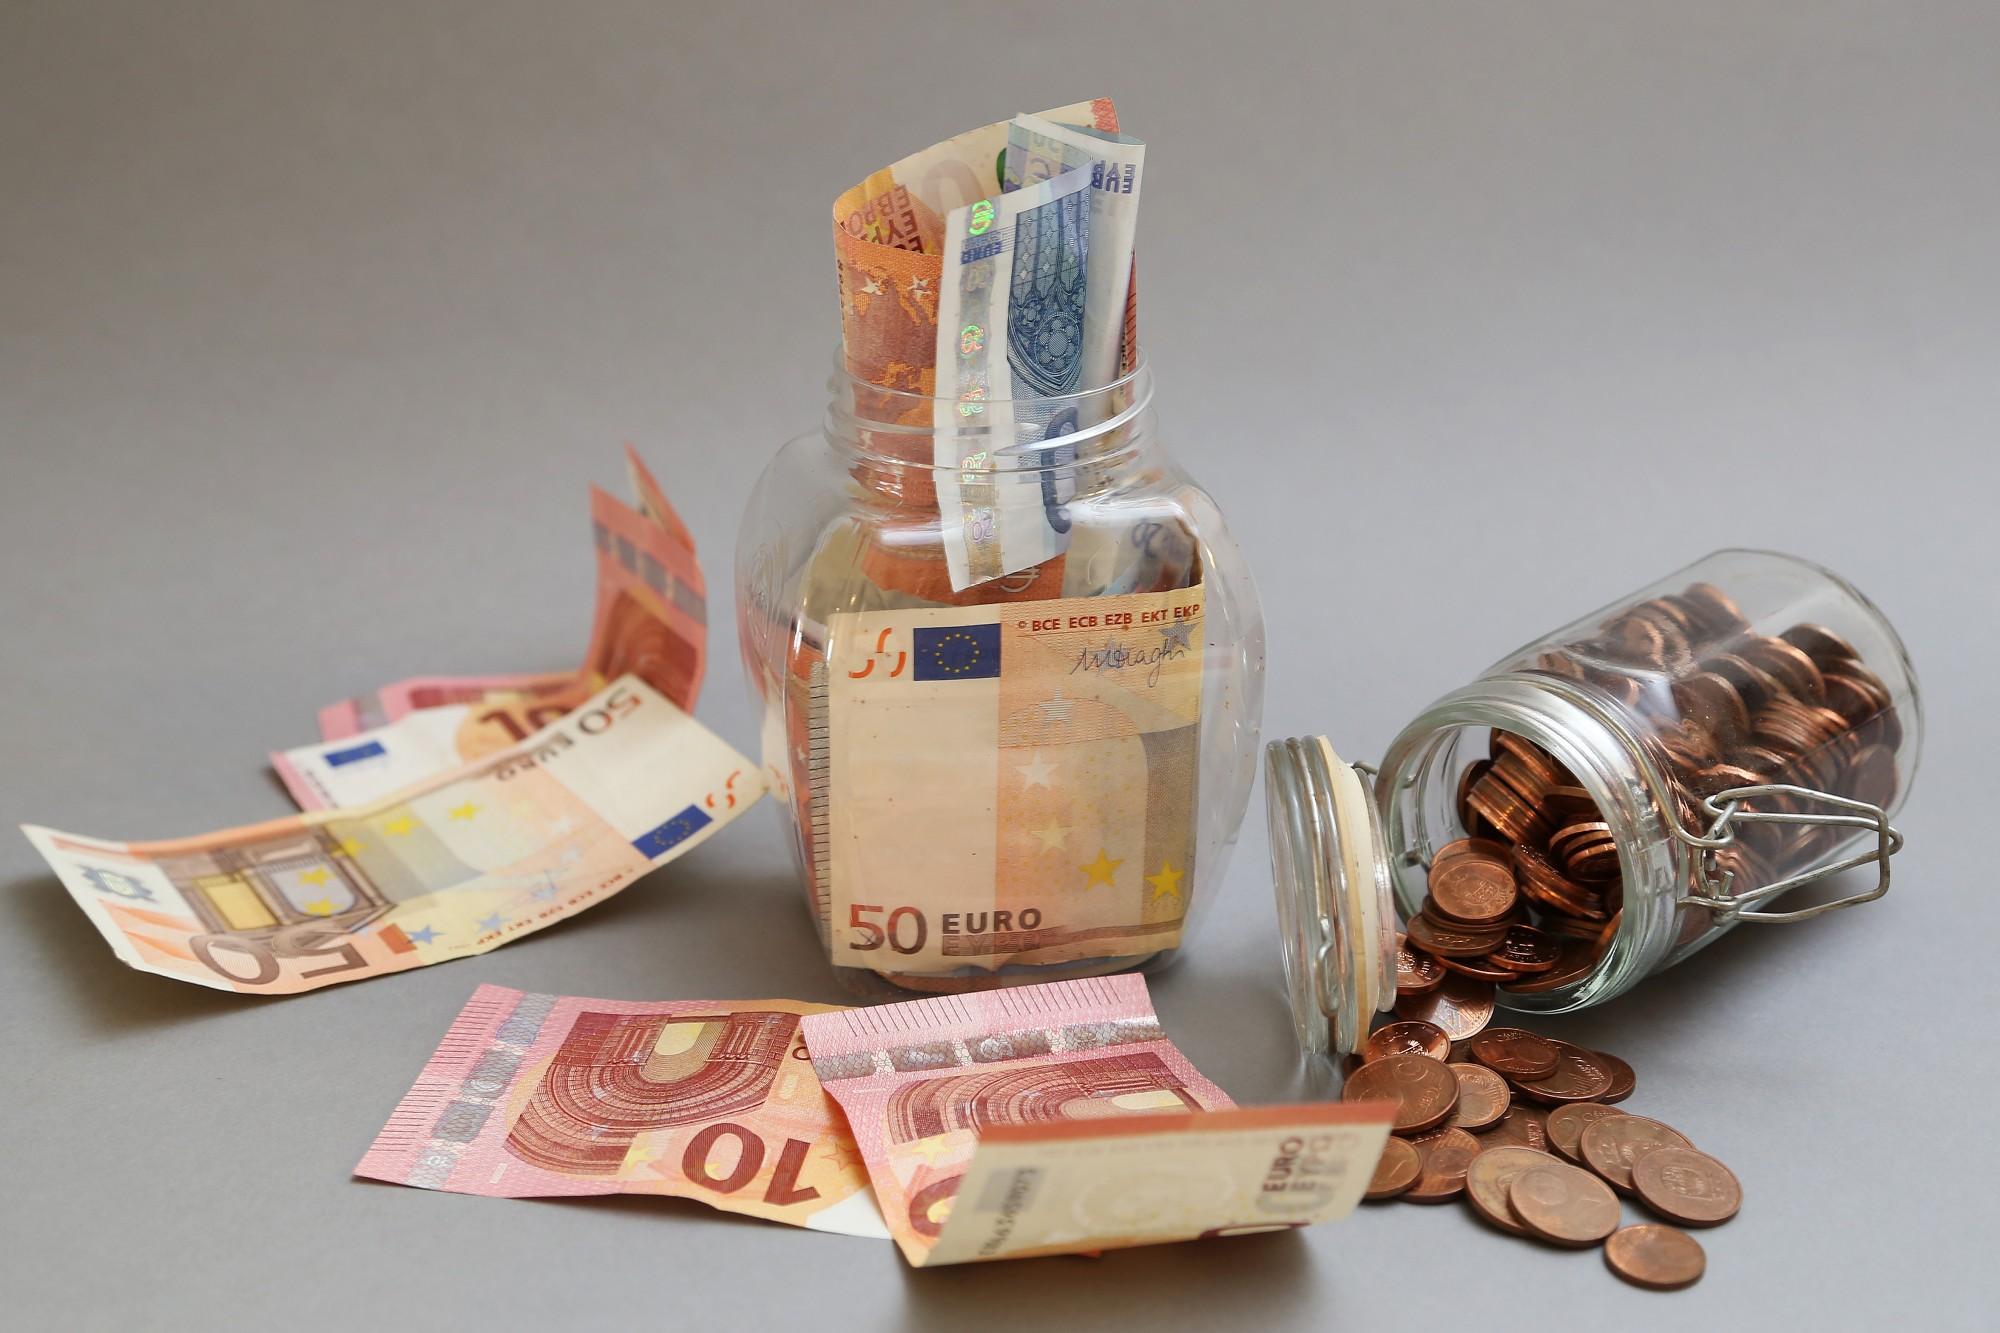 Поступления бюджета 2020 года прогнозируются в размере 9,89 млрд евро, расходы — 10 млрд евро